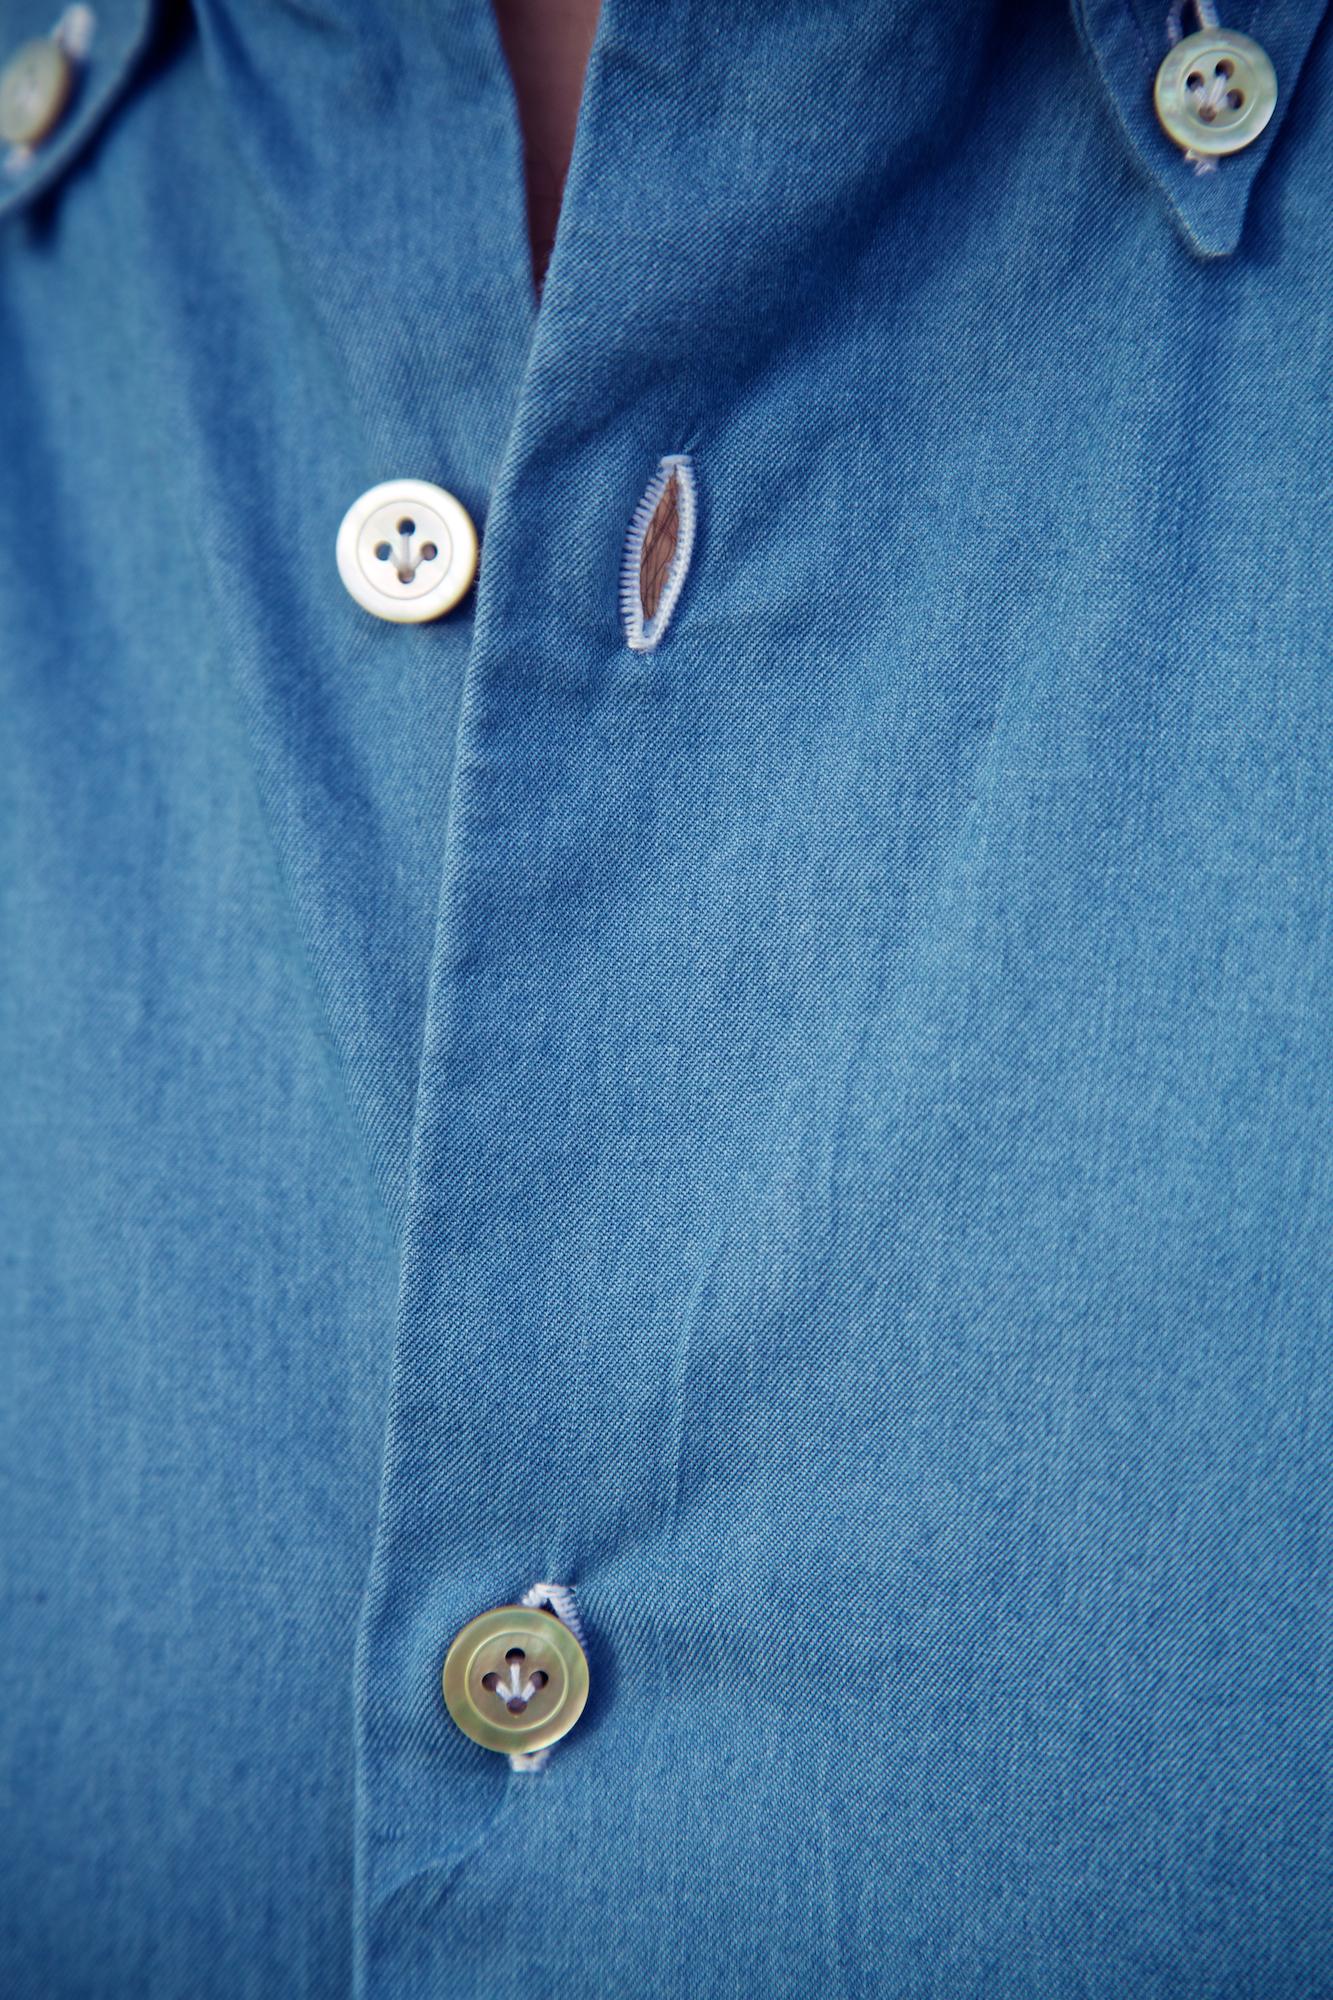 D'Avino bespoke denim shirt